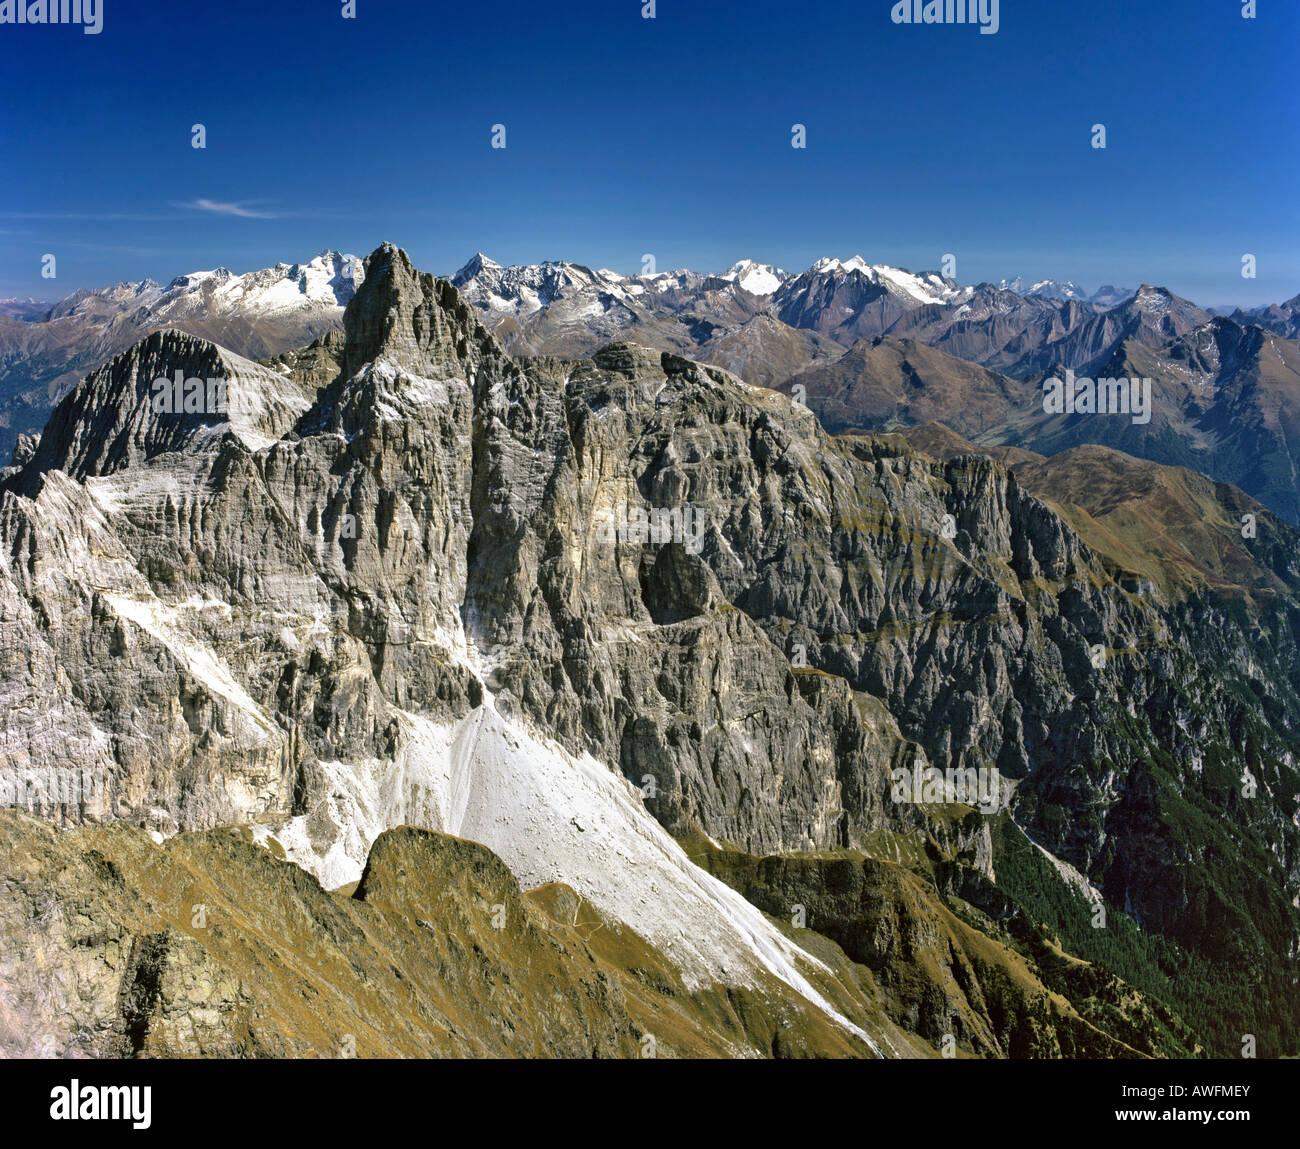 Pflerscher Tribulaun, Stubaier Alps, in the background Zillertaler Alps, border between South Tirol, Austria and - Stock Image